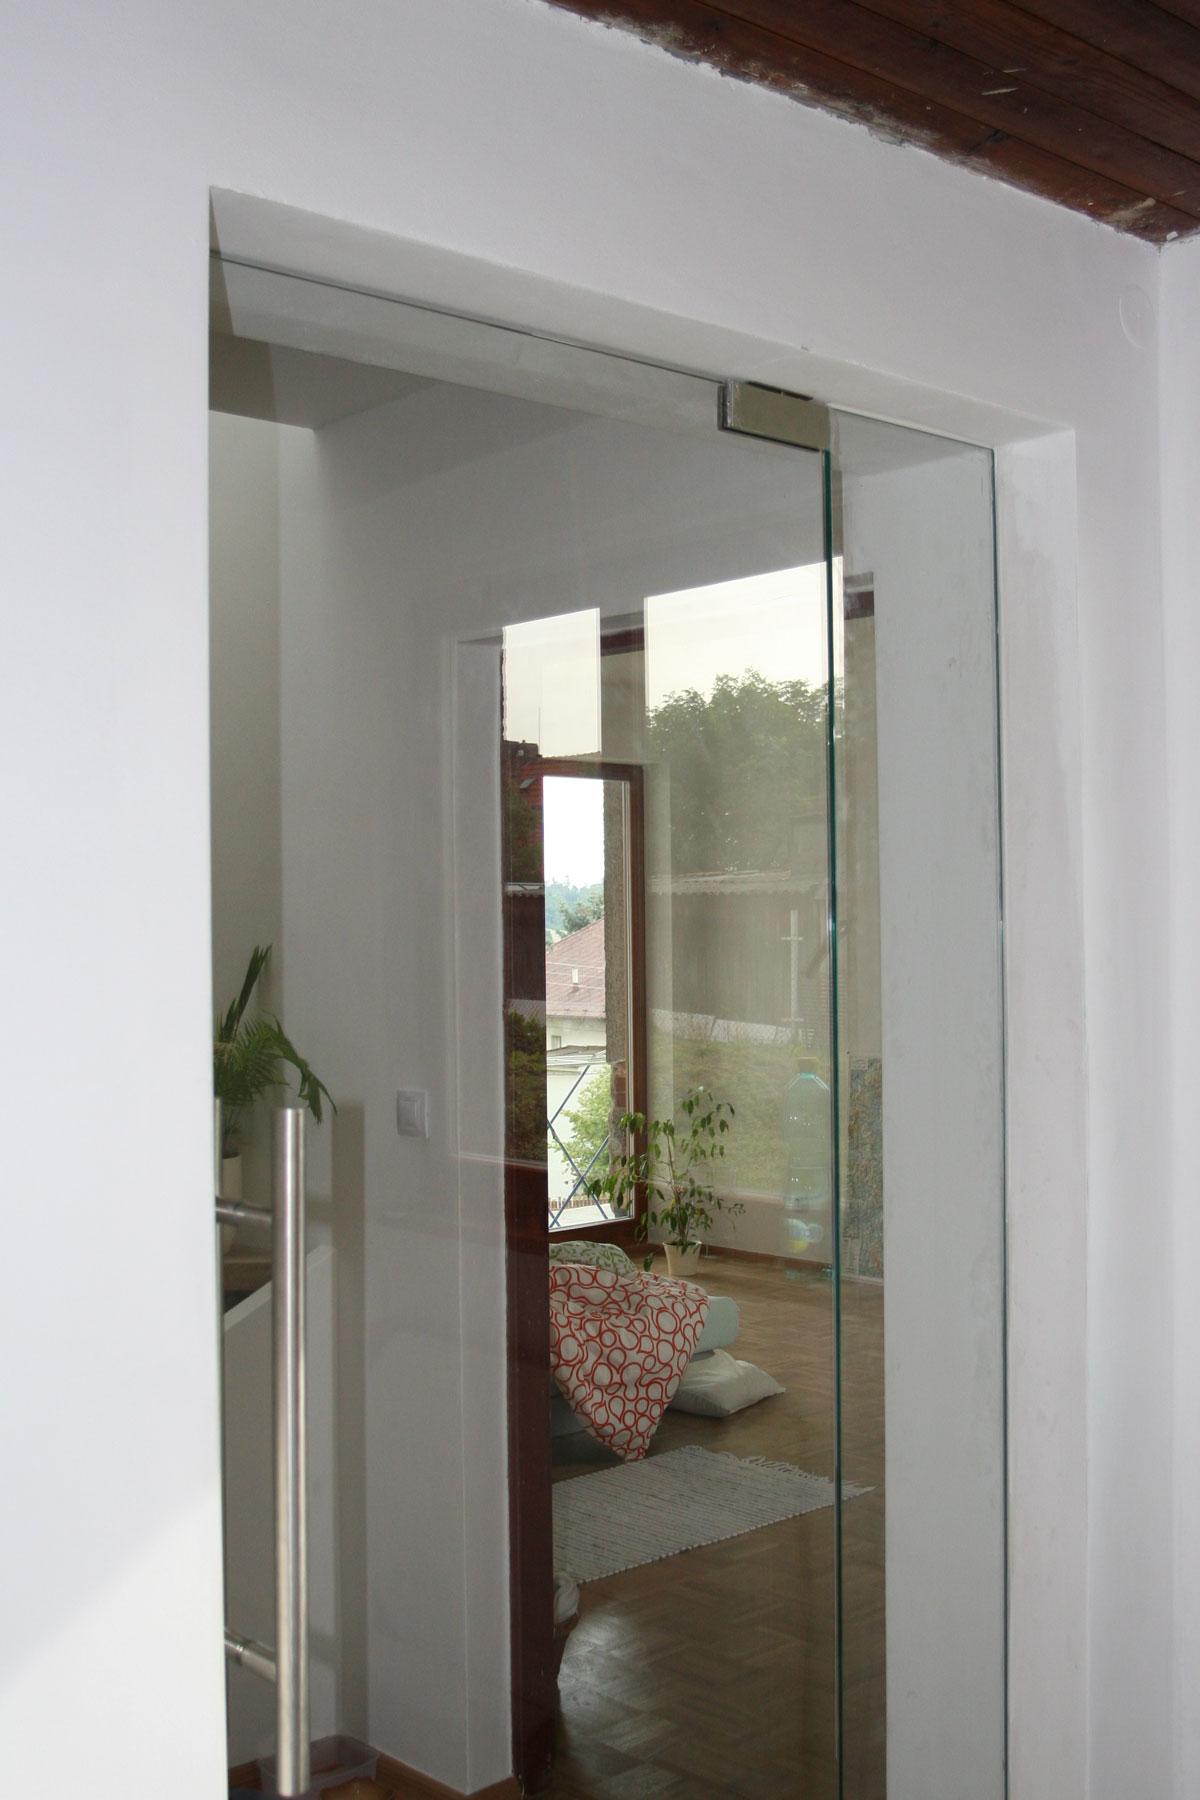 Sklenarstvi-Prerost-sklenene- steny-a-dvere (21)